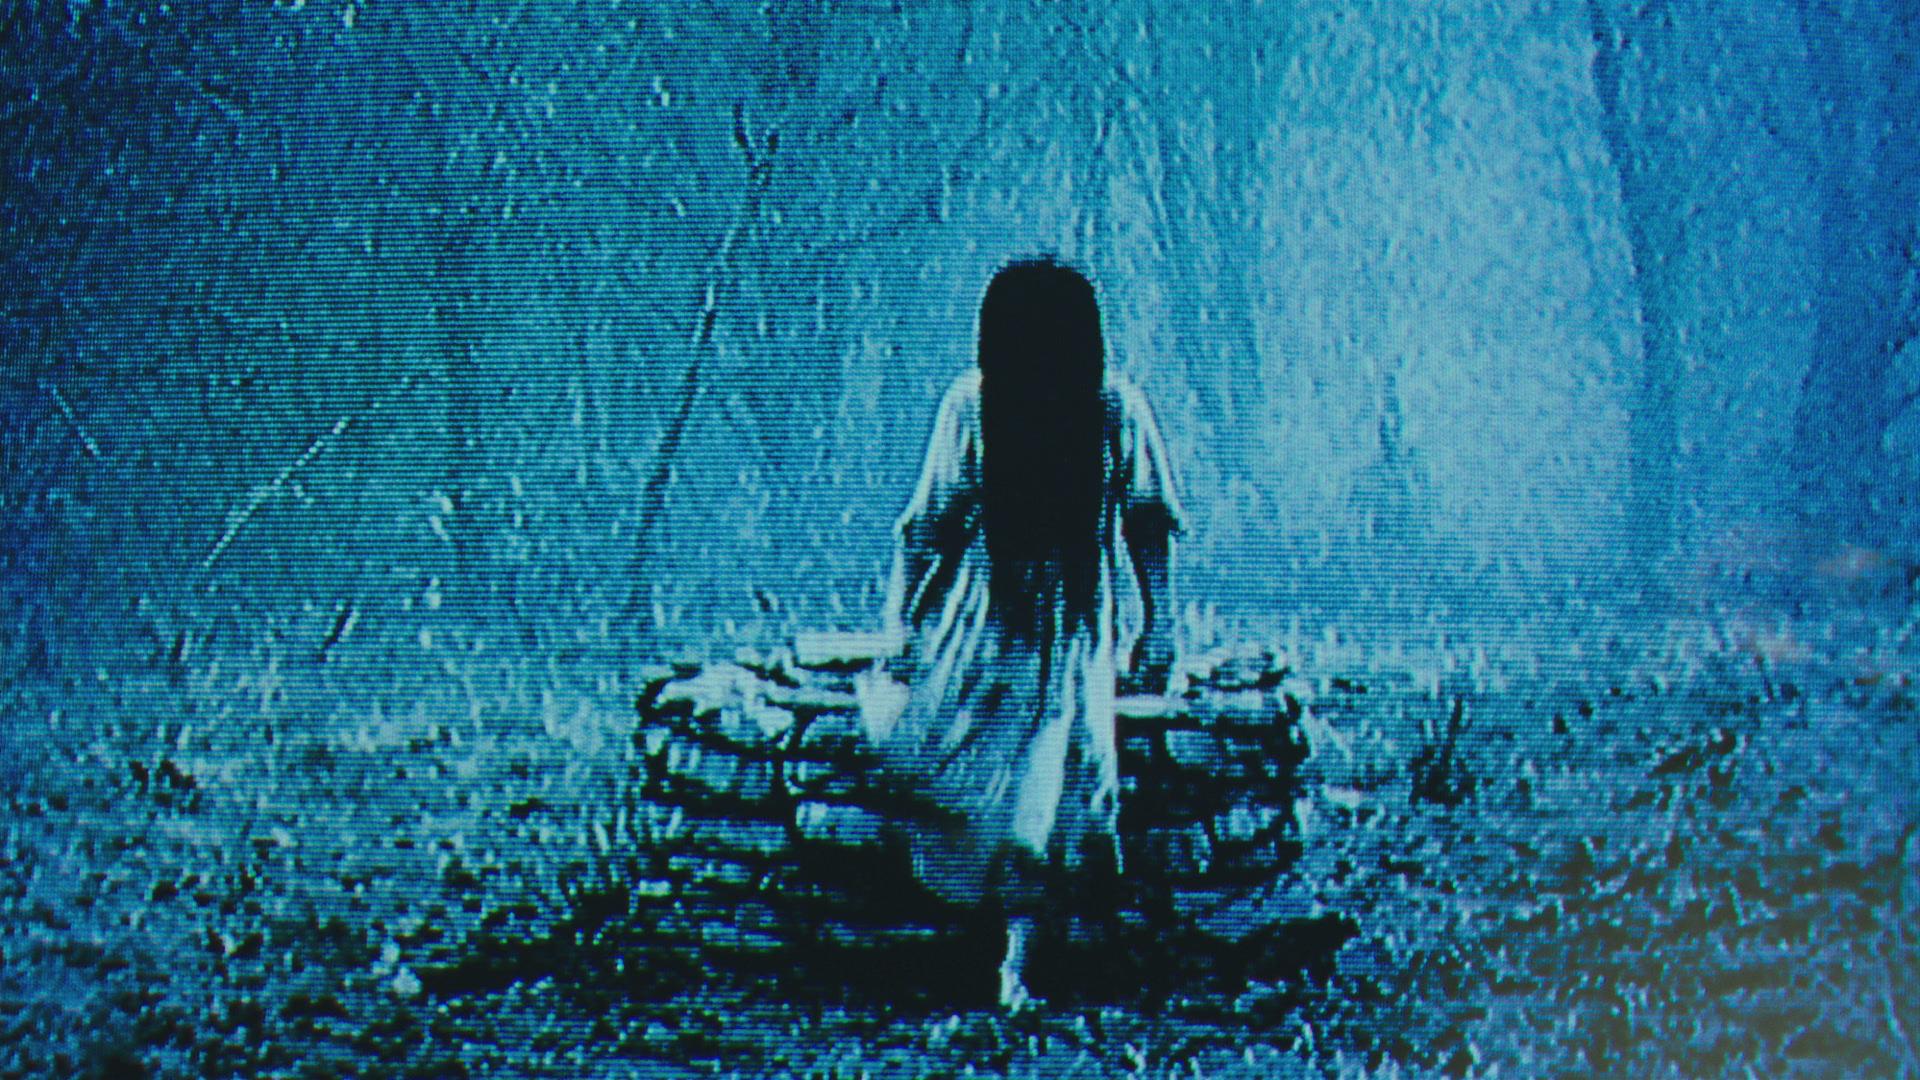 Cuentos Relatados a la Hora de las Brujas: The Ring - Radio Cantilo